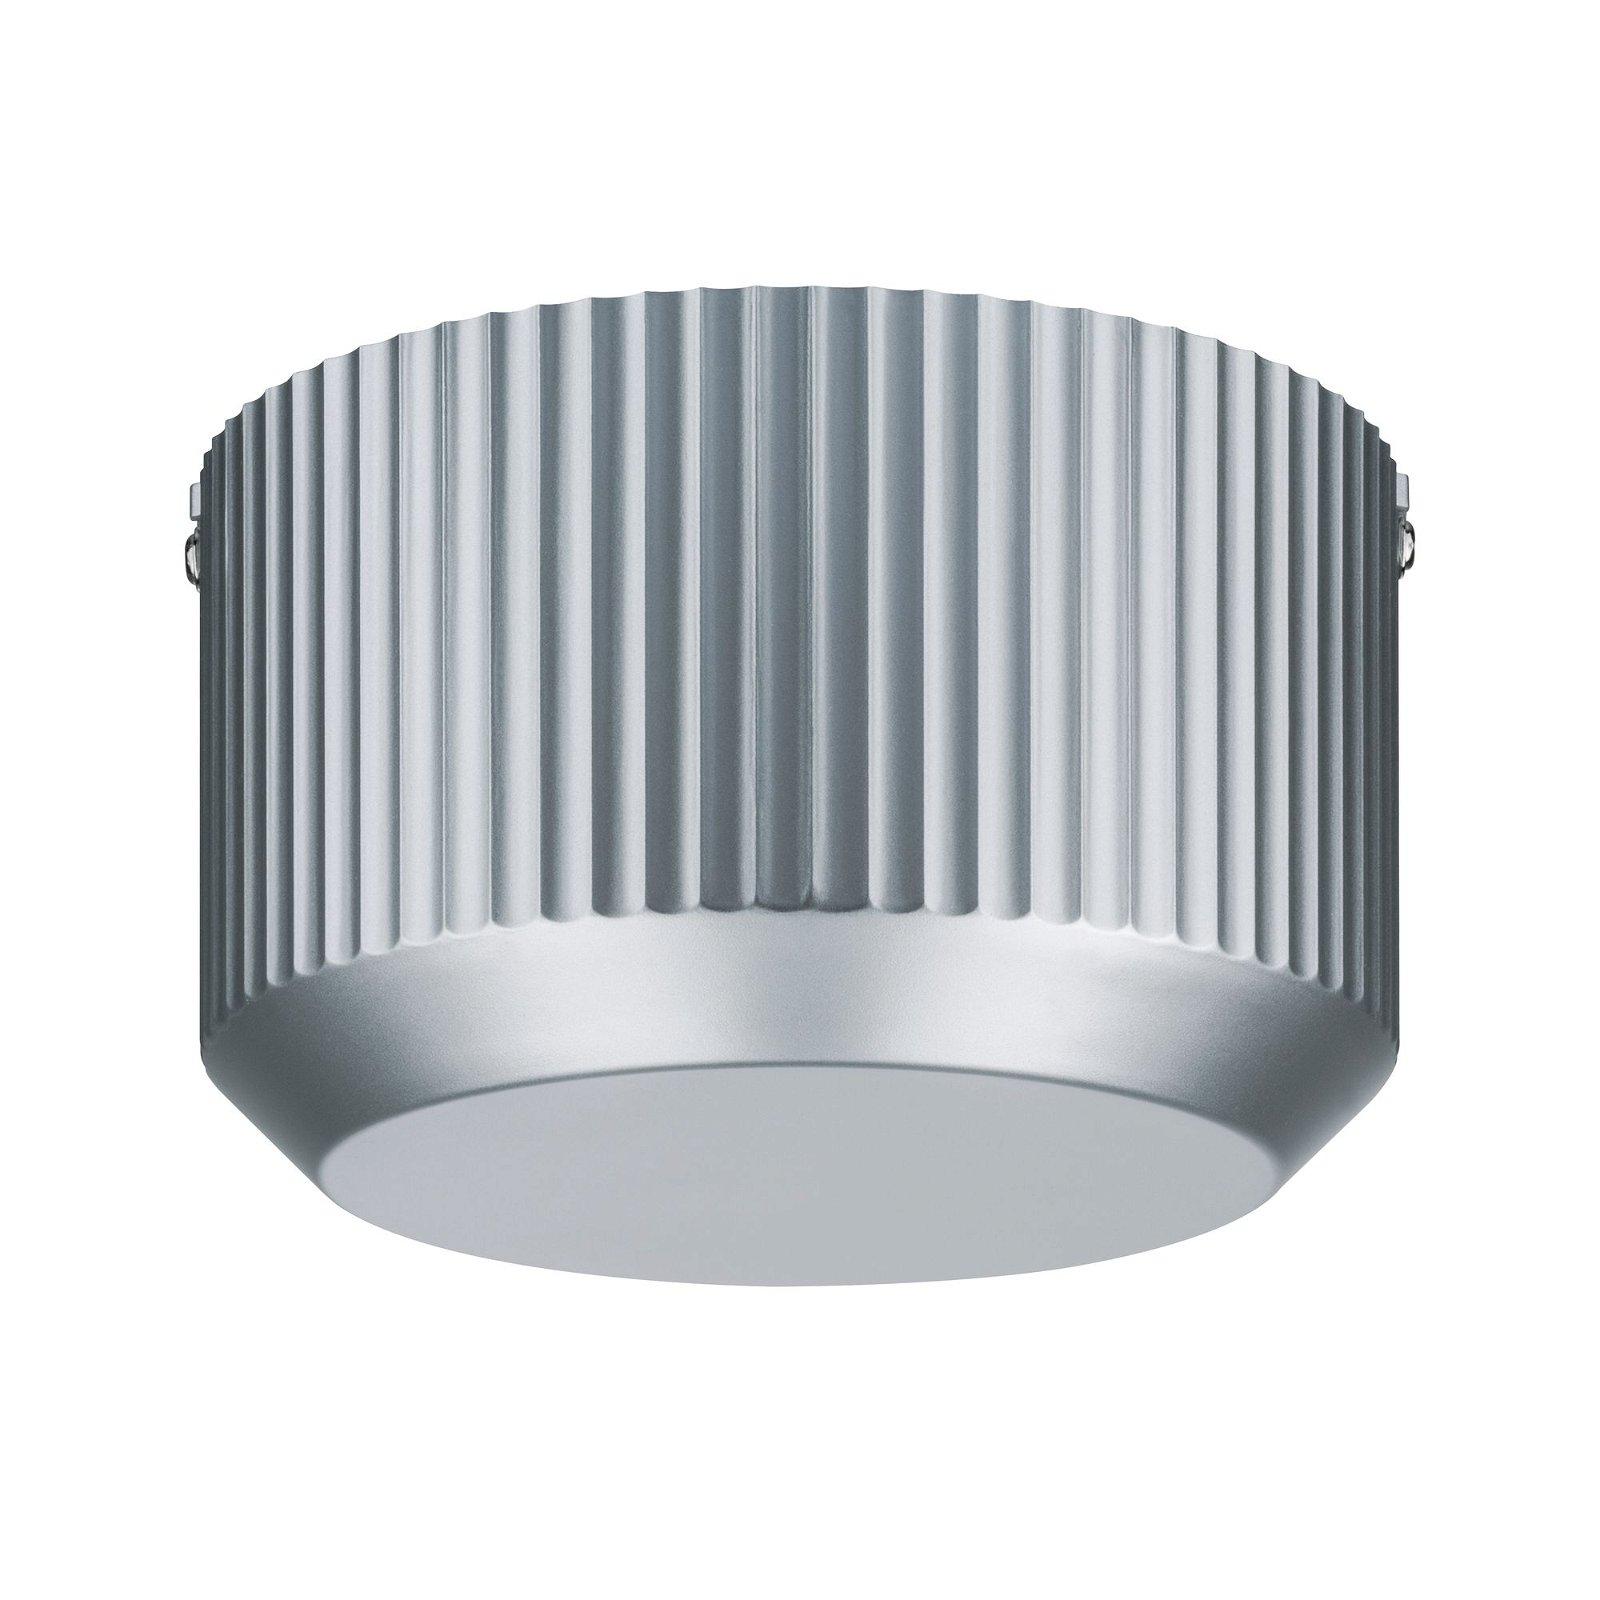 Transfo Toroidail 230/12V 80VA Chrome